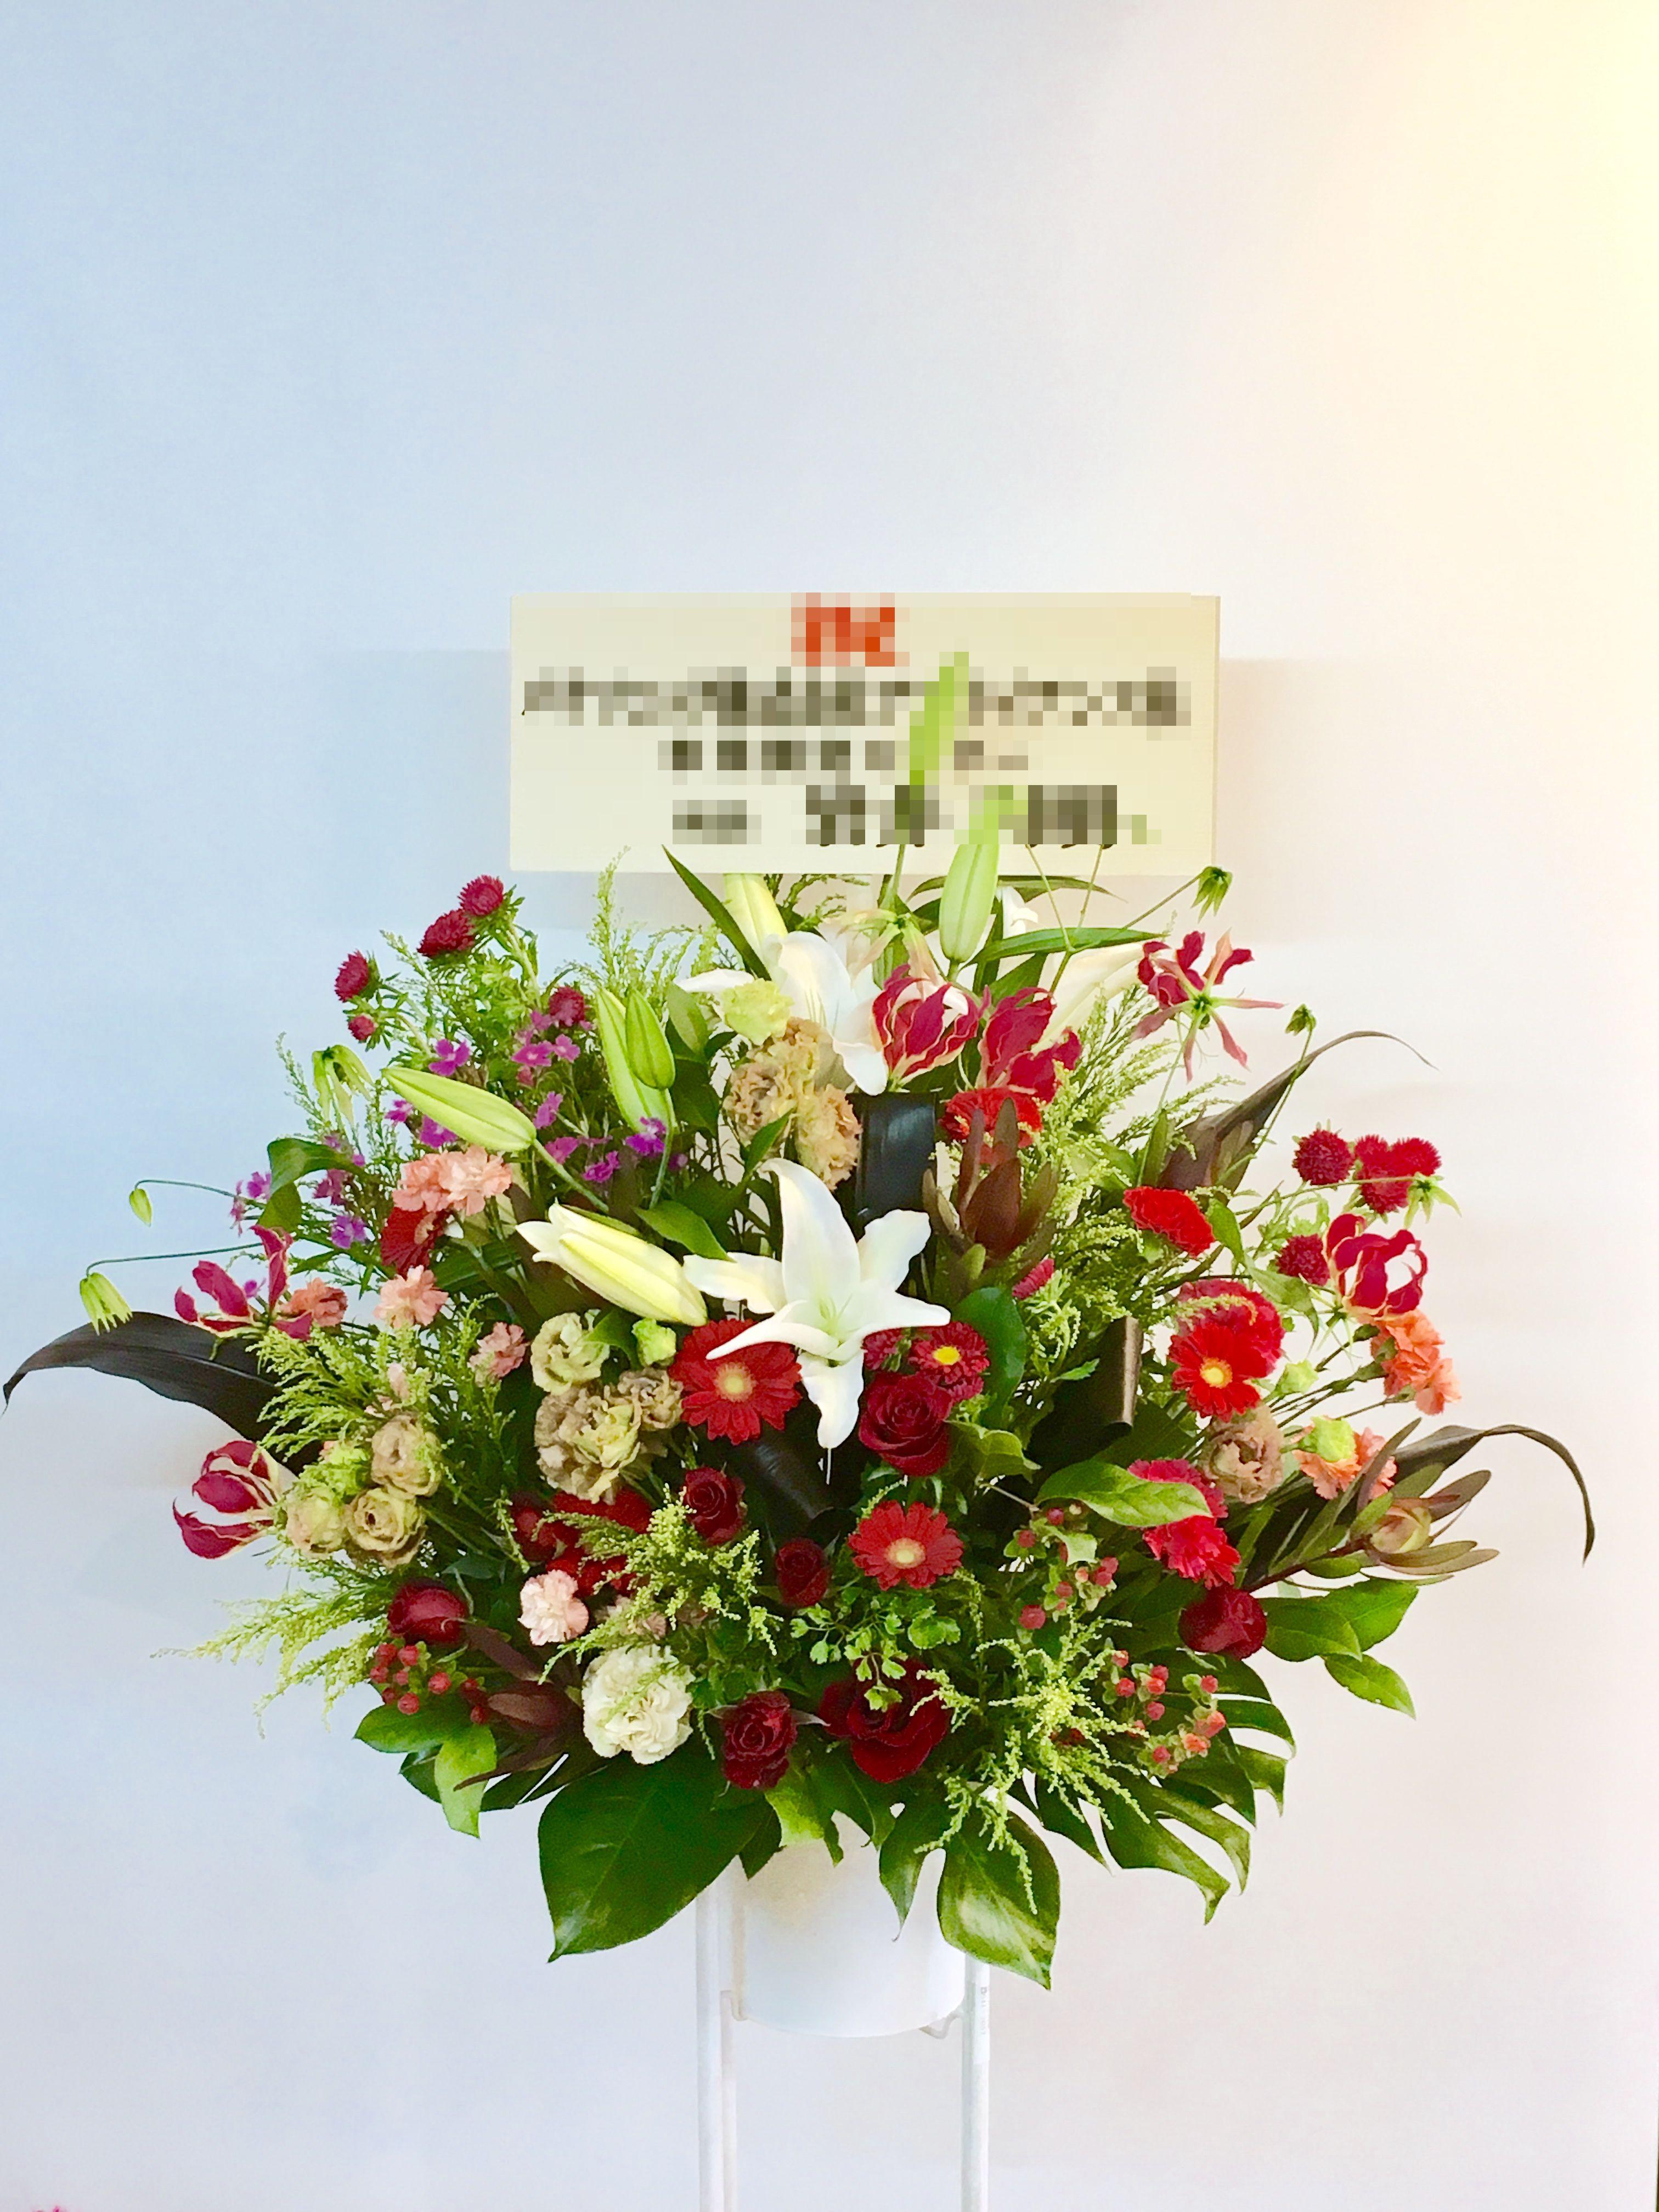 【お花納品事例17】横浜市中区元町の法人企業様にスタンド花を配達しました!